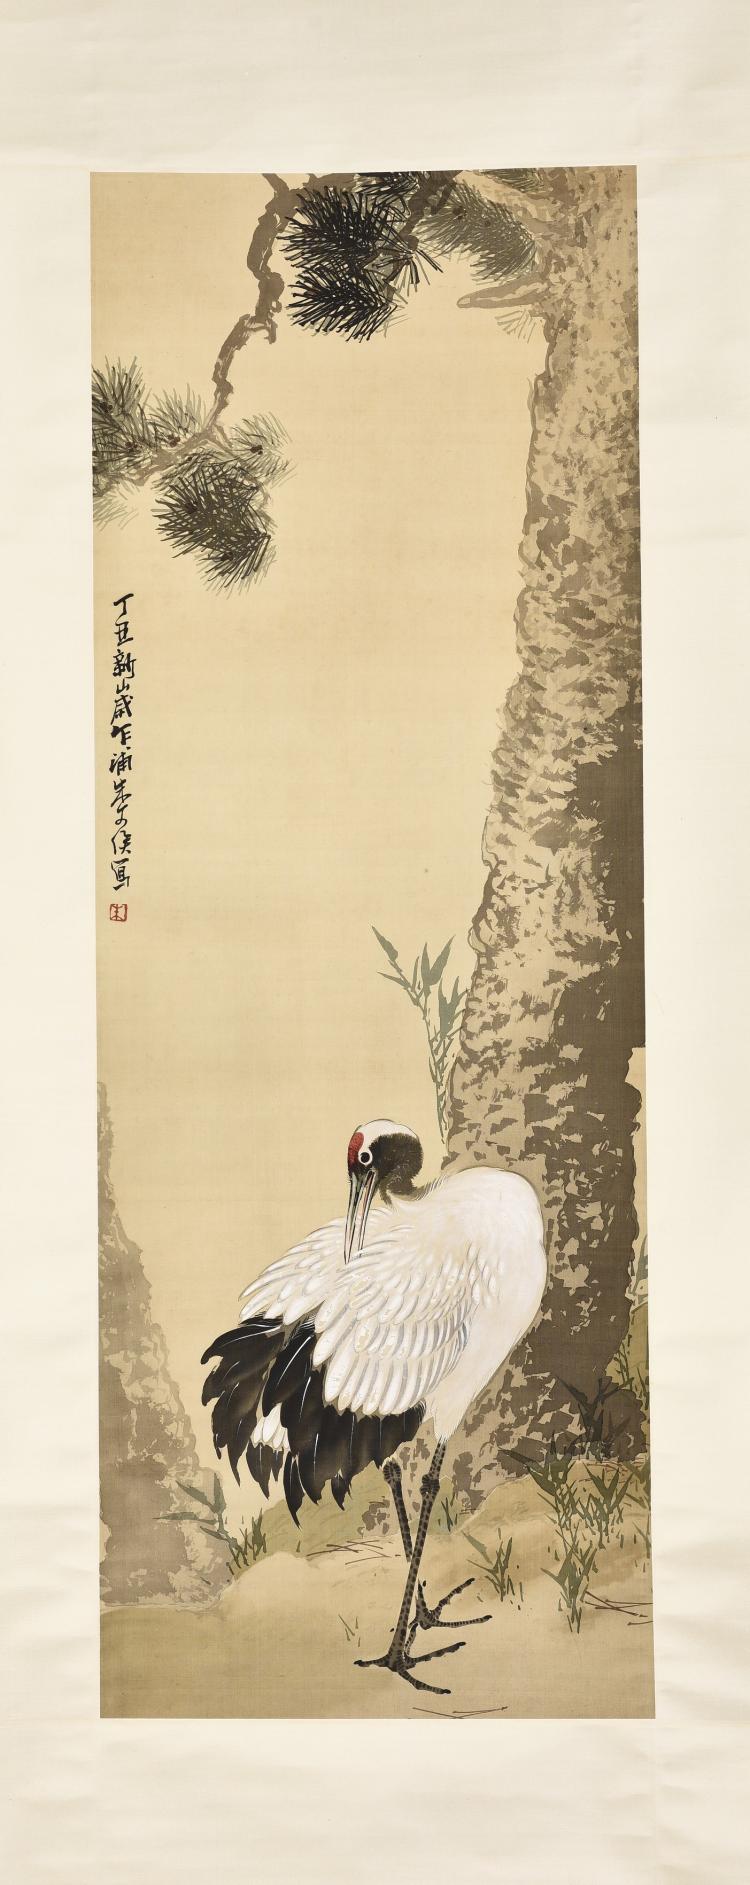 ZHU WENHOU (1895-1961), CRANES